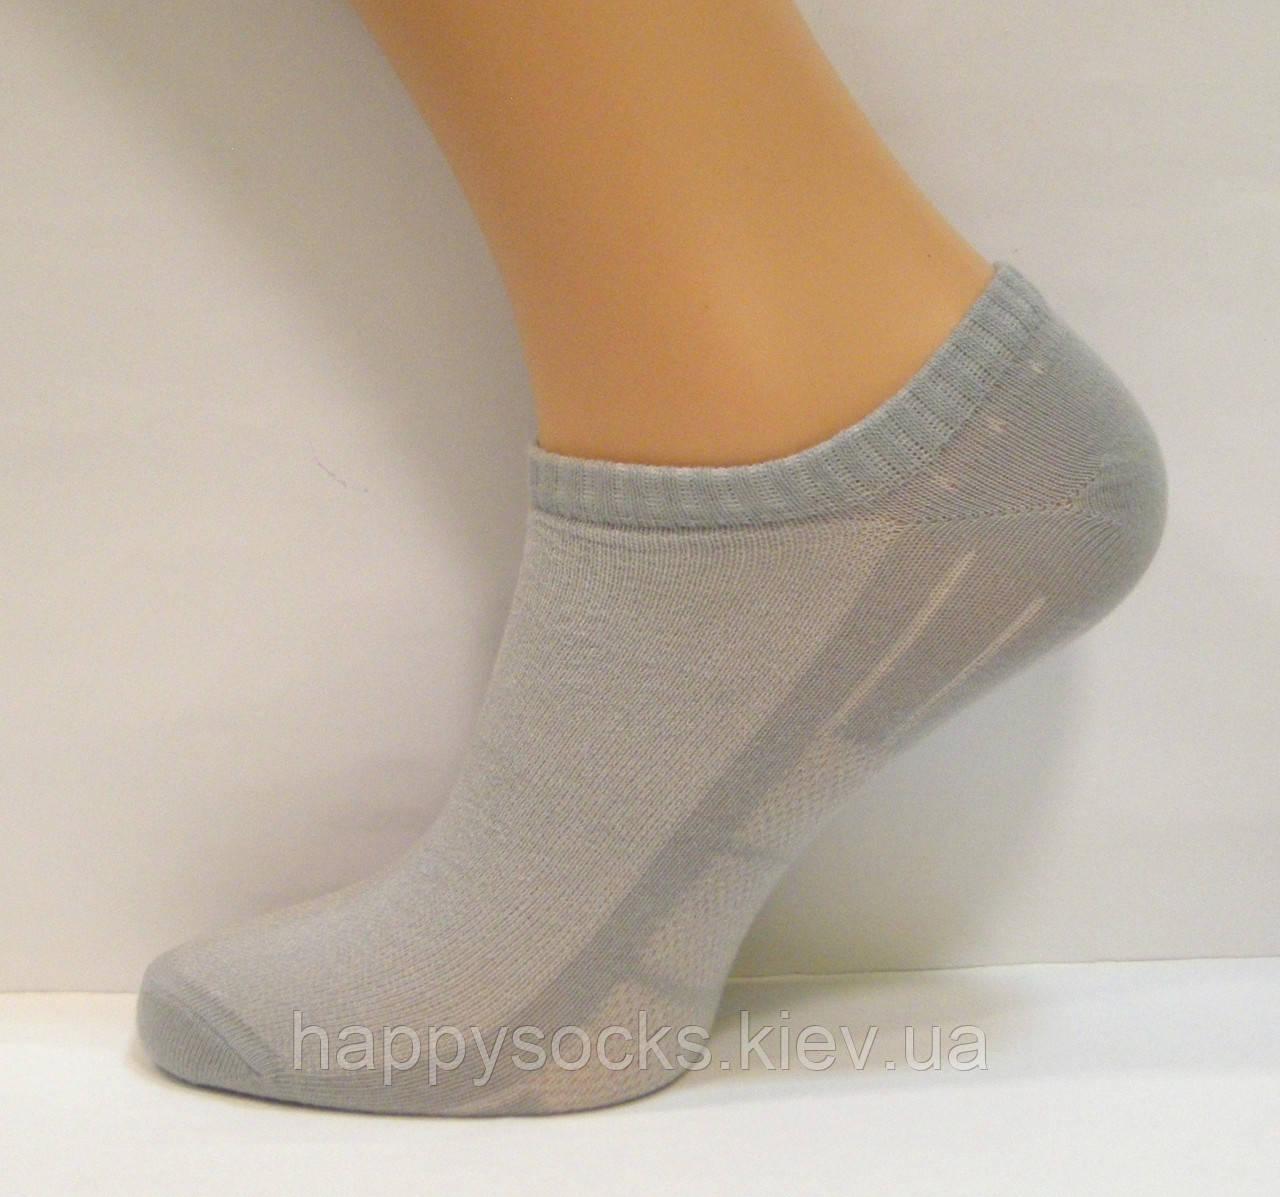 Носки в сеточку для мужчин низкие серого цвета